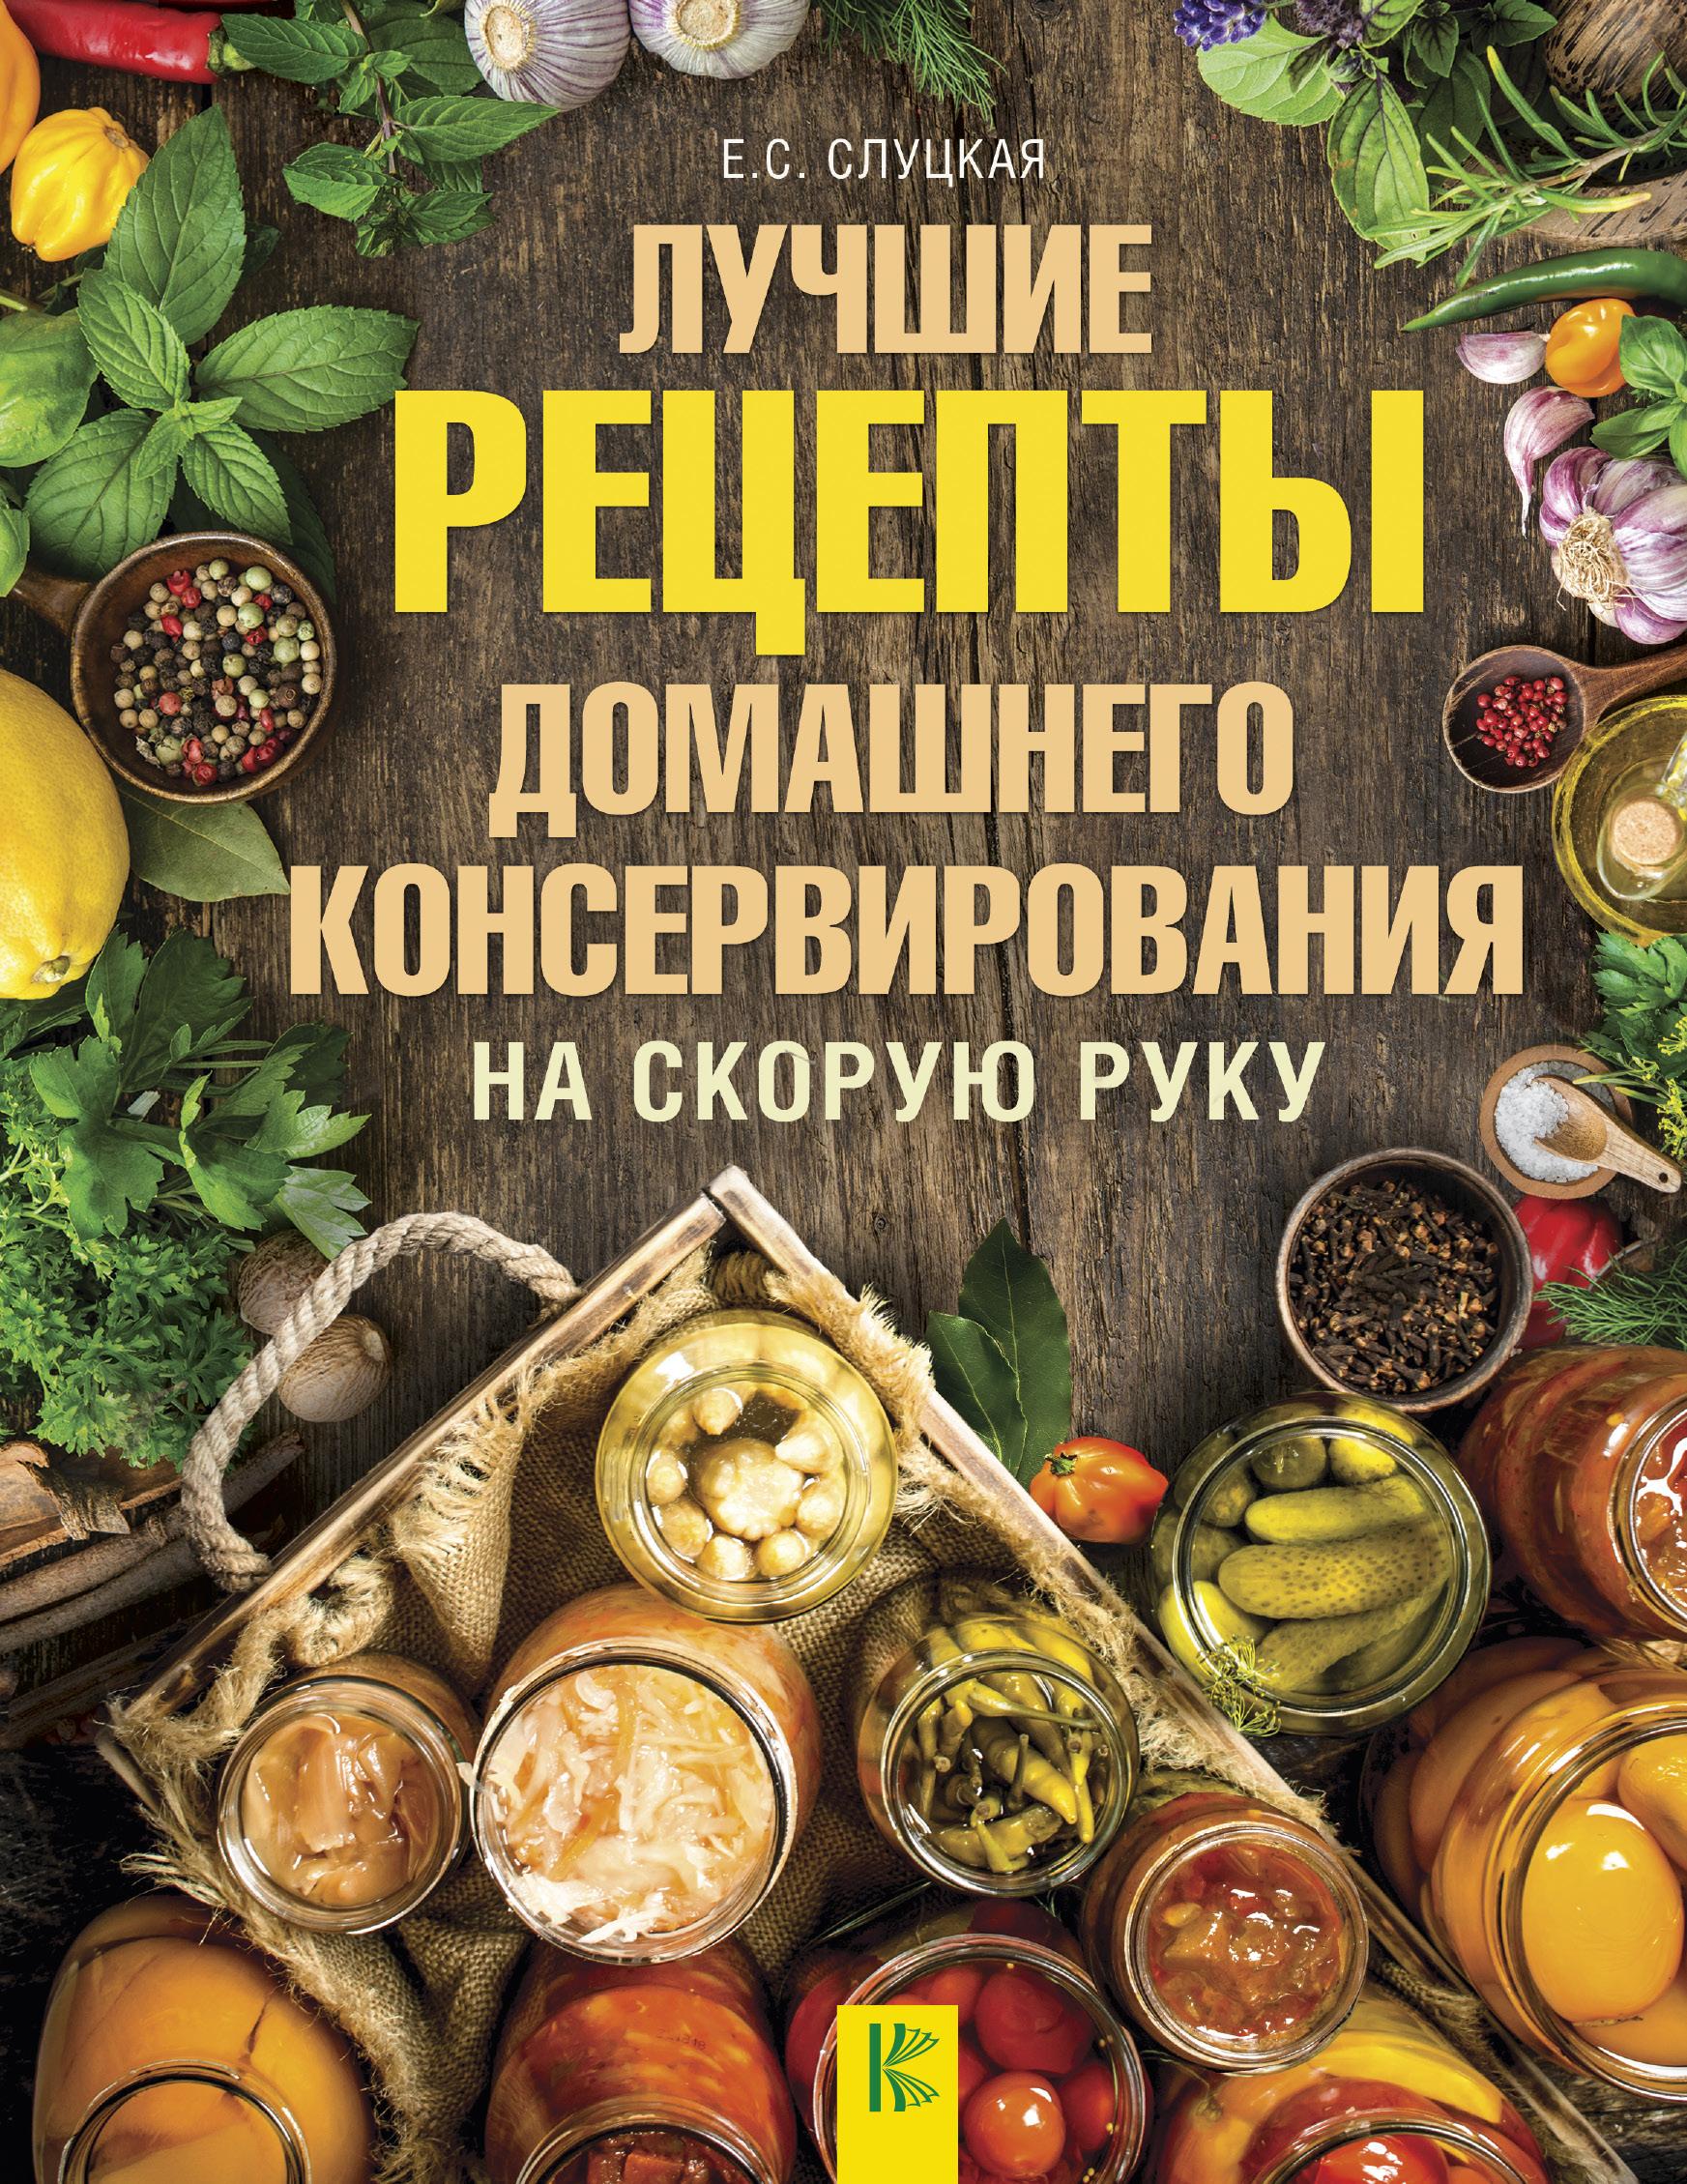 Елена Слуцкая Лучшие рецепты домашнего консервирования на скорую руку светлана ермакова большая книга домашнего консервирования